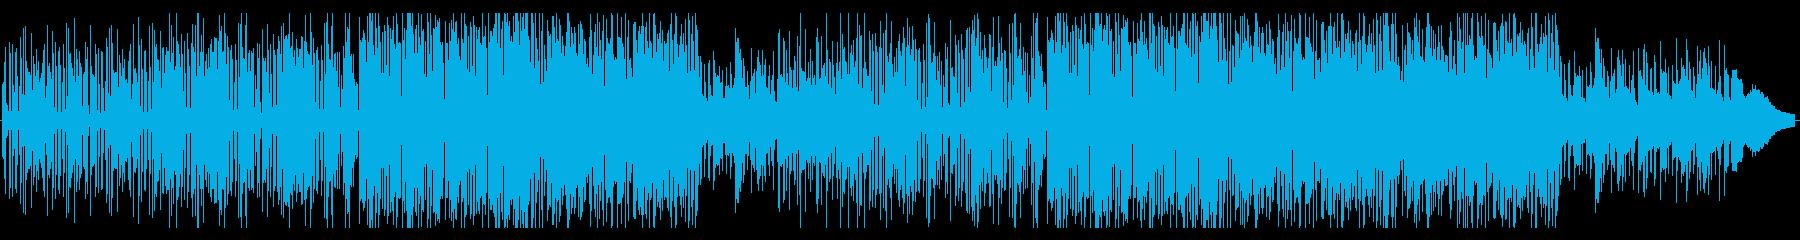 ウキウキ気分のインスト・ポップの再生済みの波形